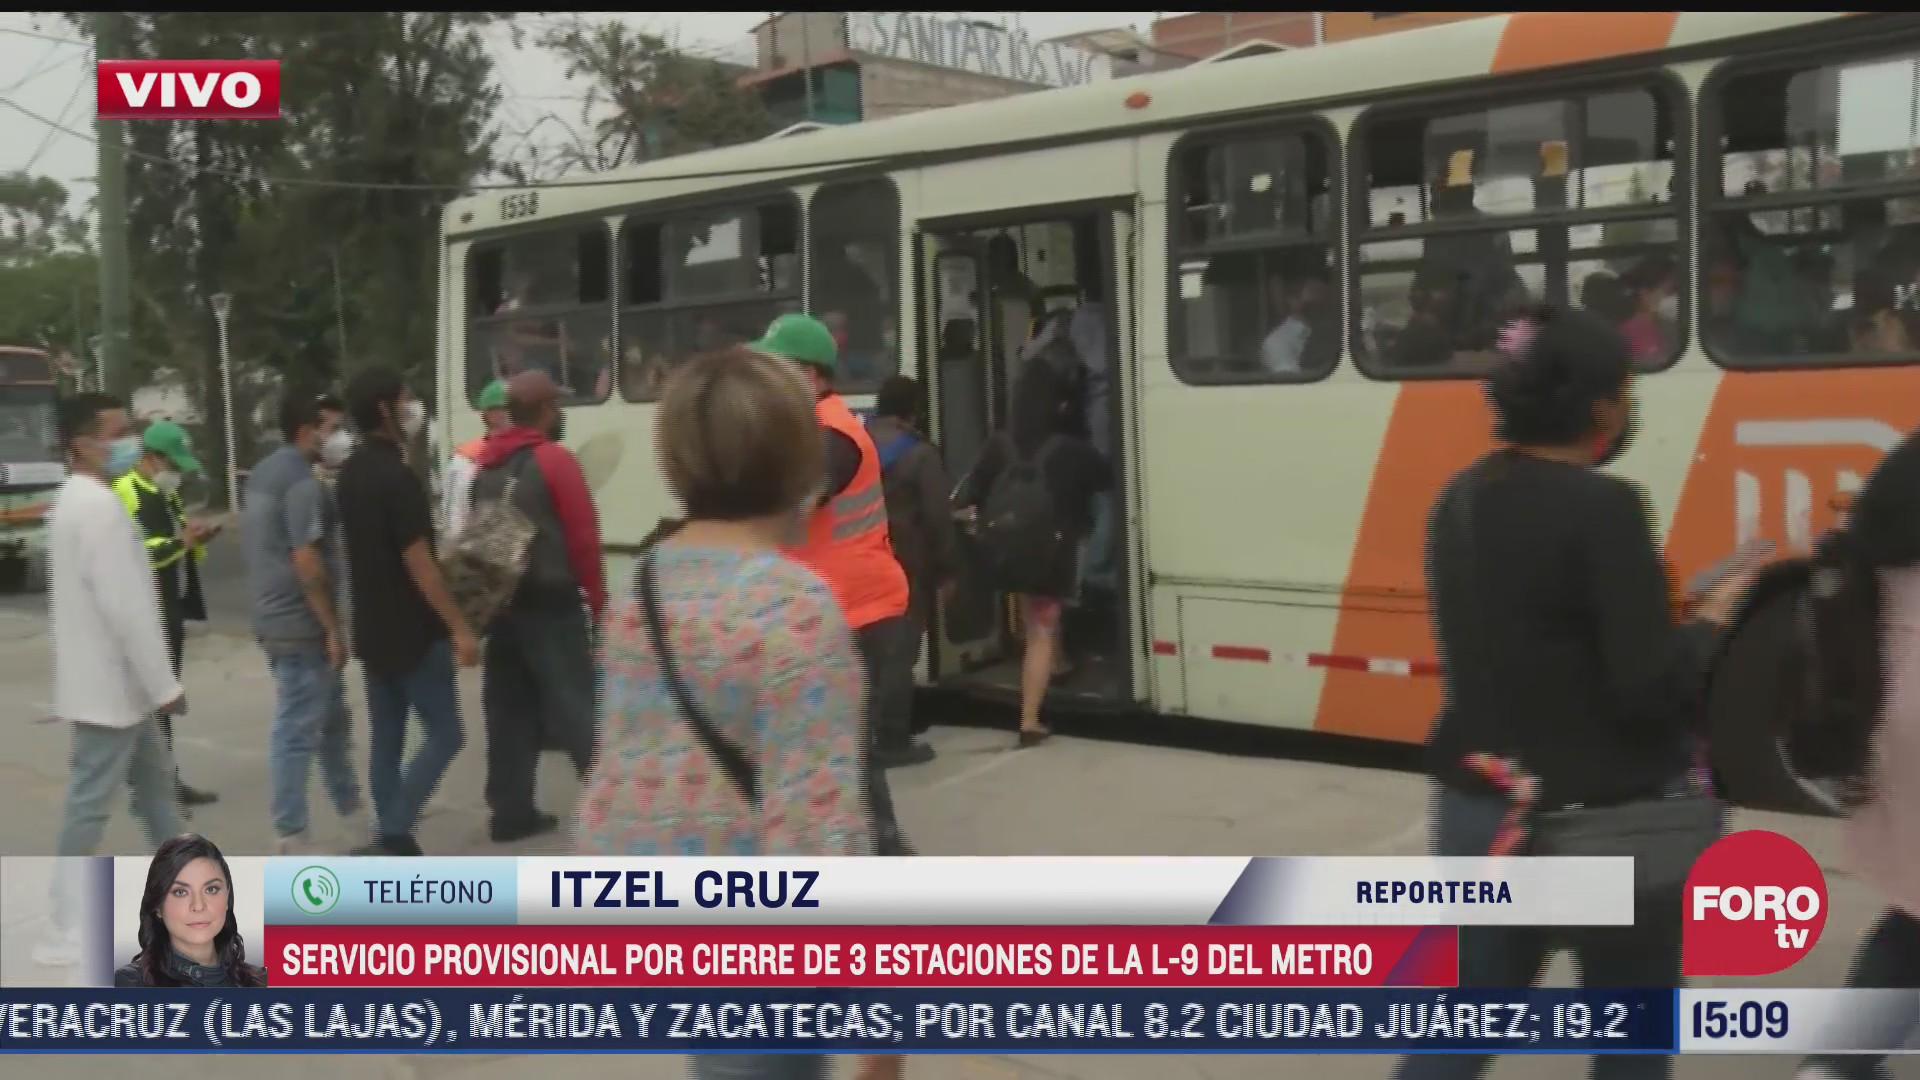 noventa unidades del rtp ofrecen servicio emergente ante cierre de estaciones del metro